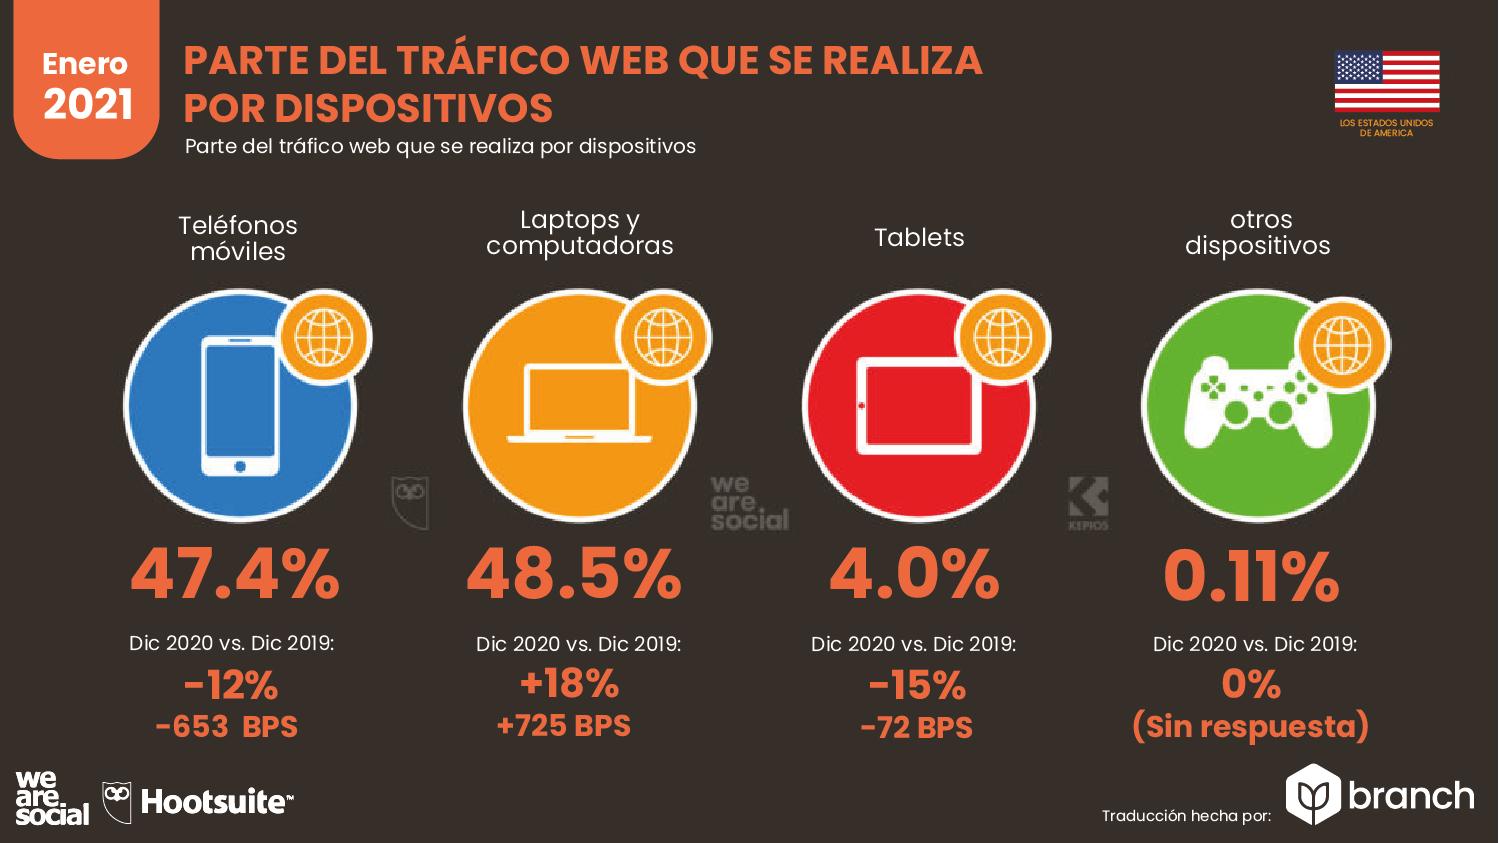 trafico-web-por-dispositivos-usa-2020-2021